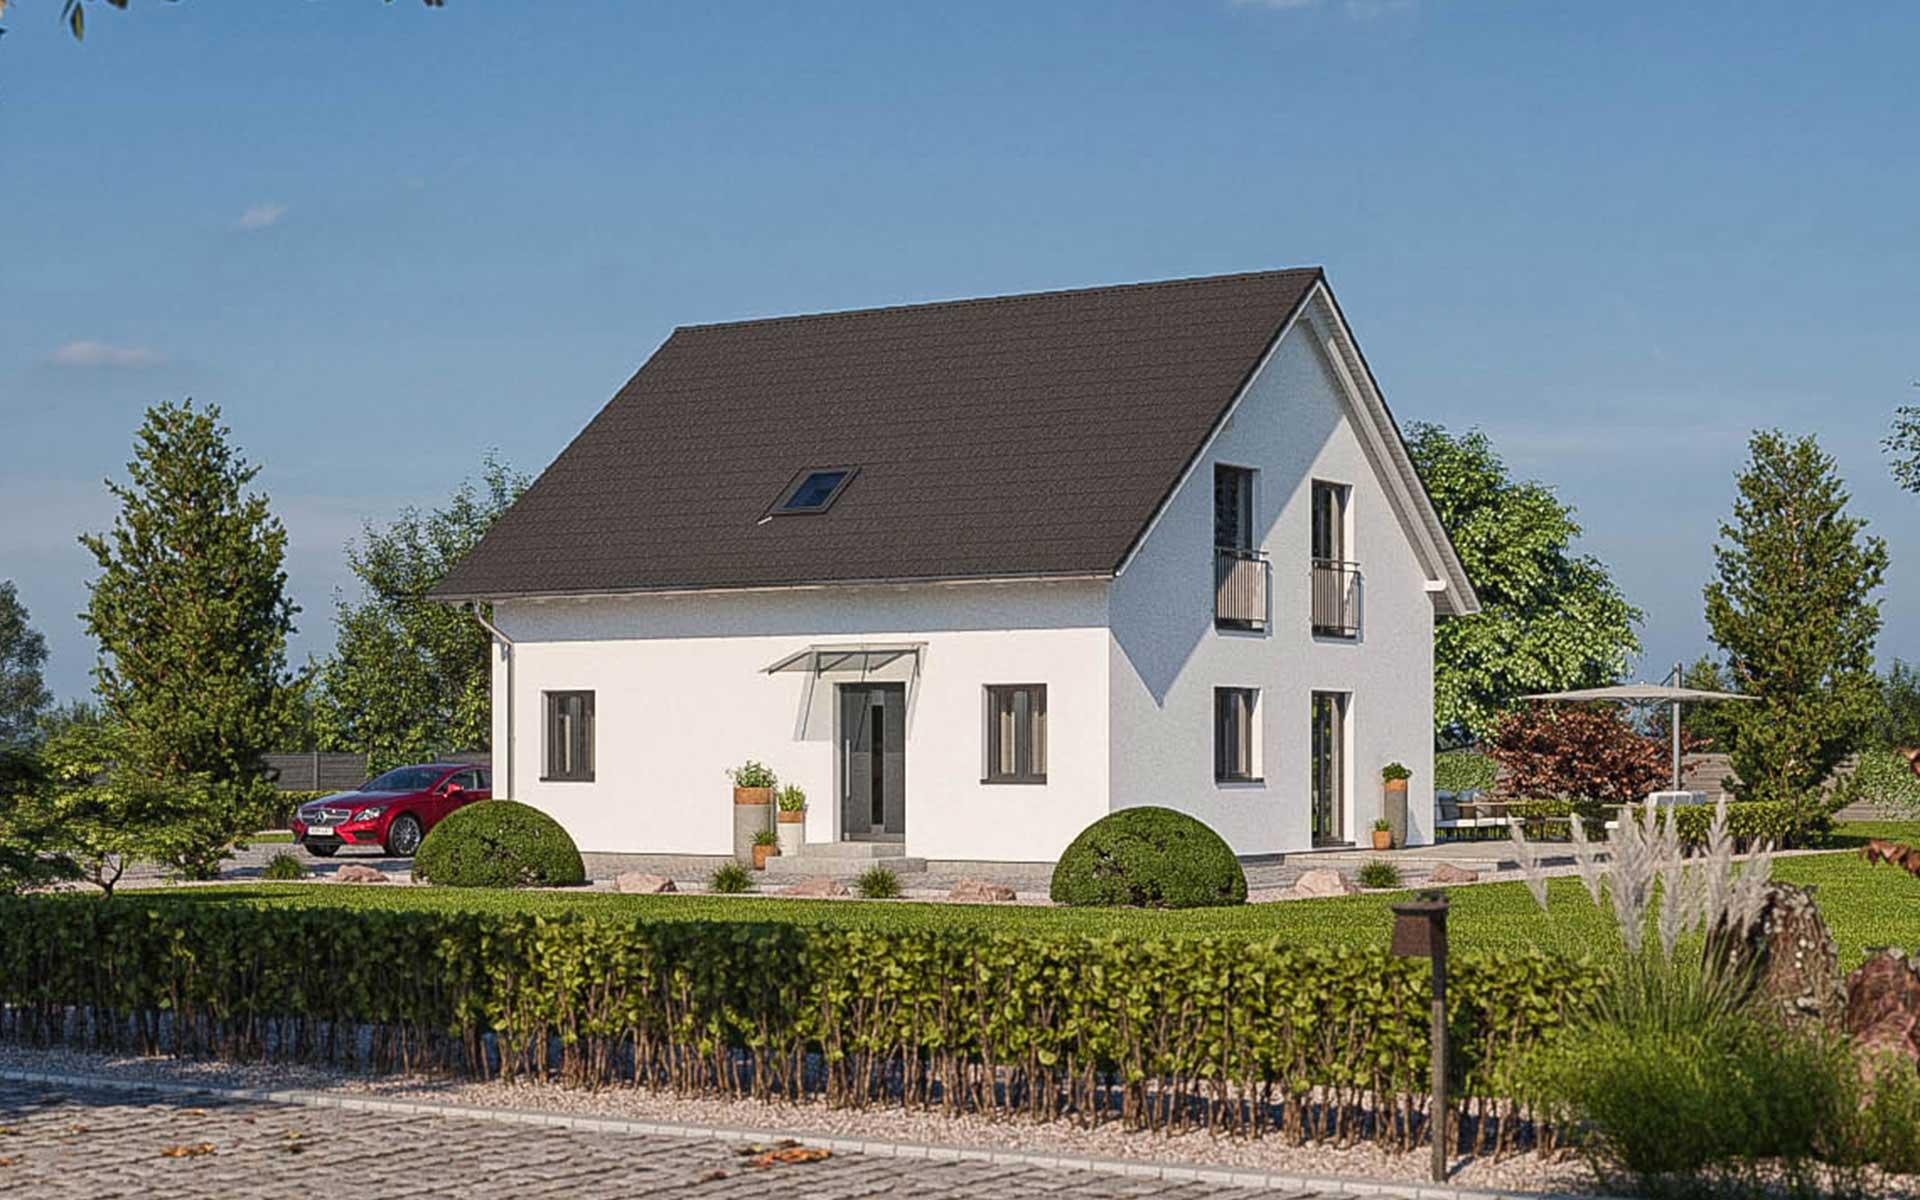 Haas Z 159 B von Haas Fertigbau GmbH